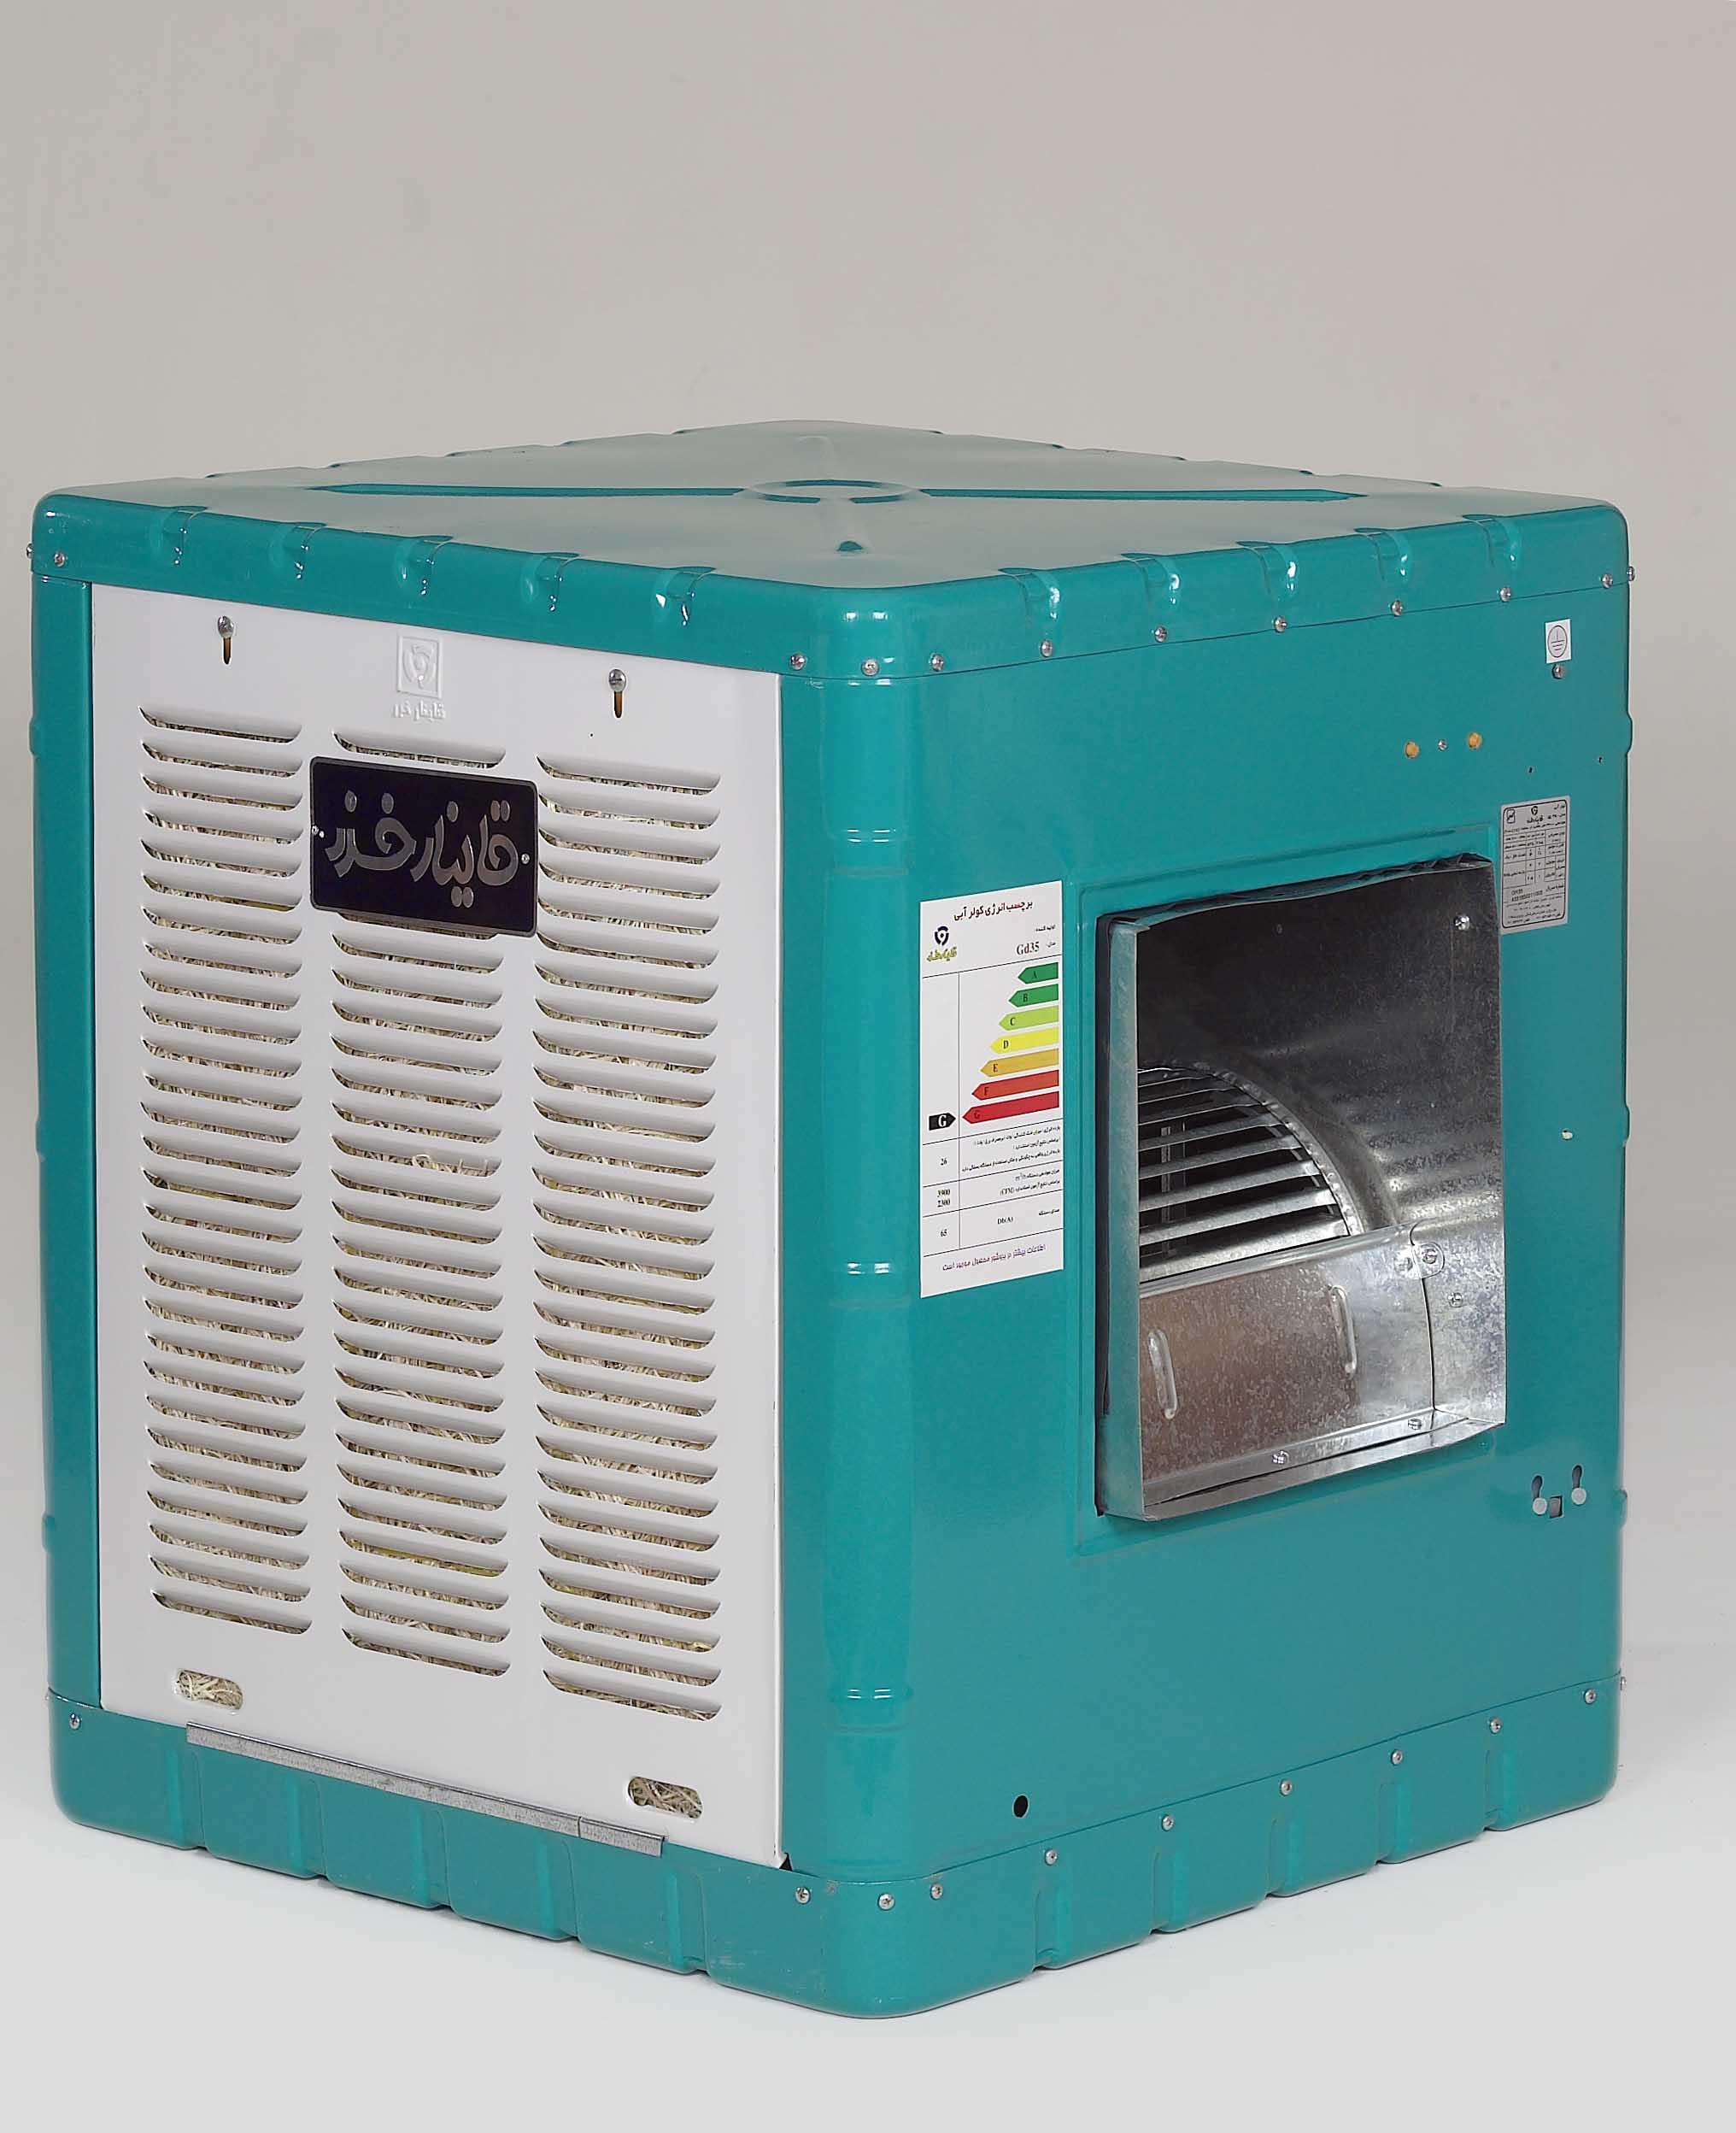 آماده سازی کولر آبی برای فصل گرما-درست مصرف کنیم - آموزش همگانی - آگاهی مصرف